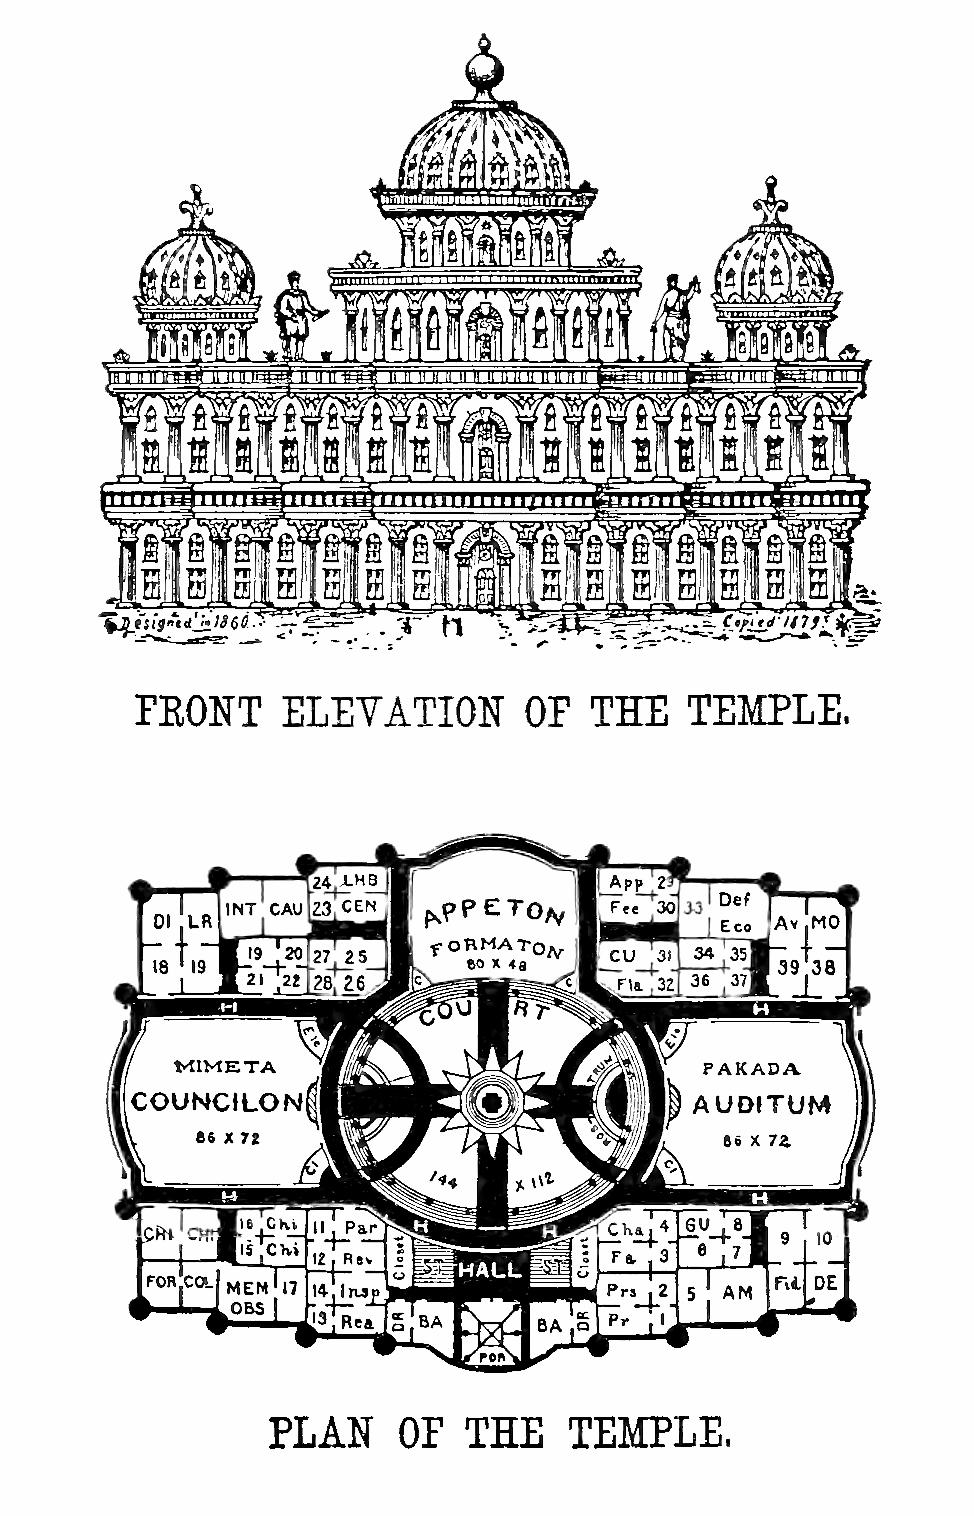 89_plan_of_the_temple_-_israel.jpg